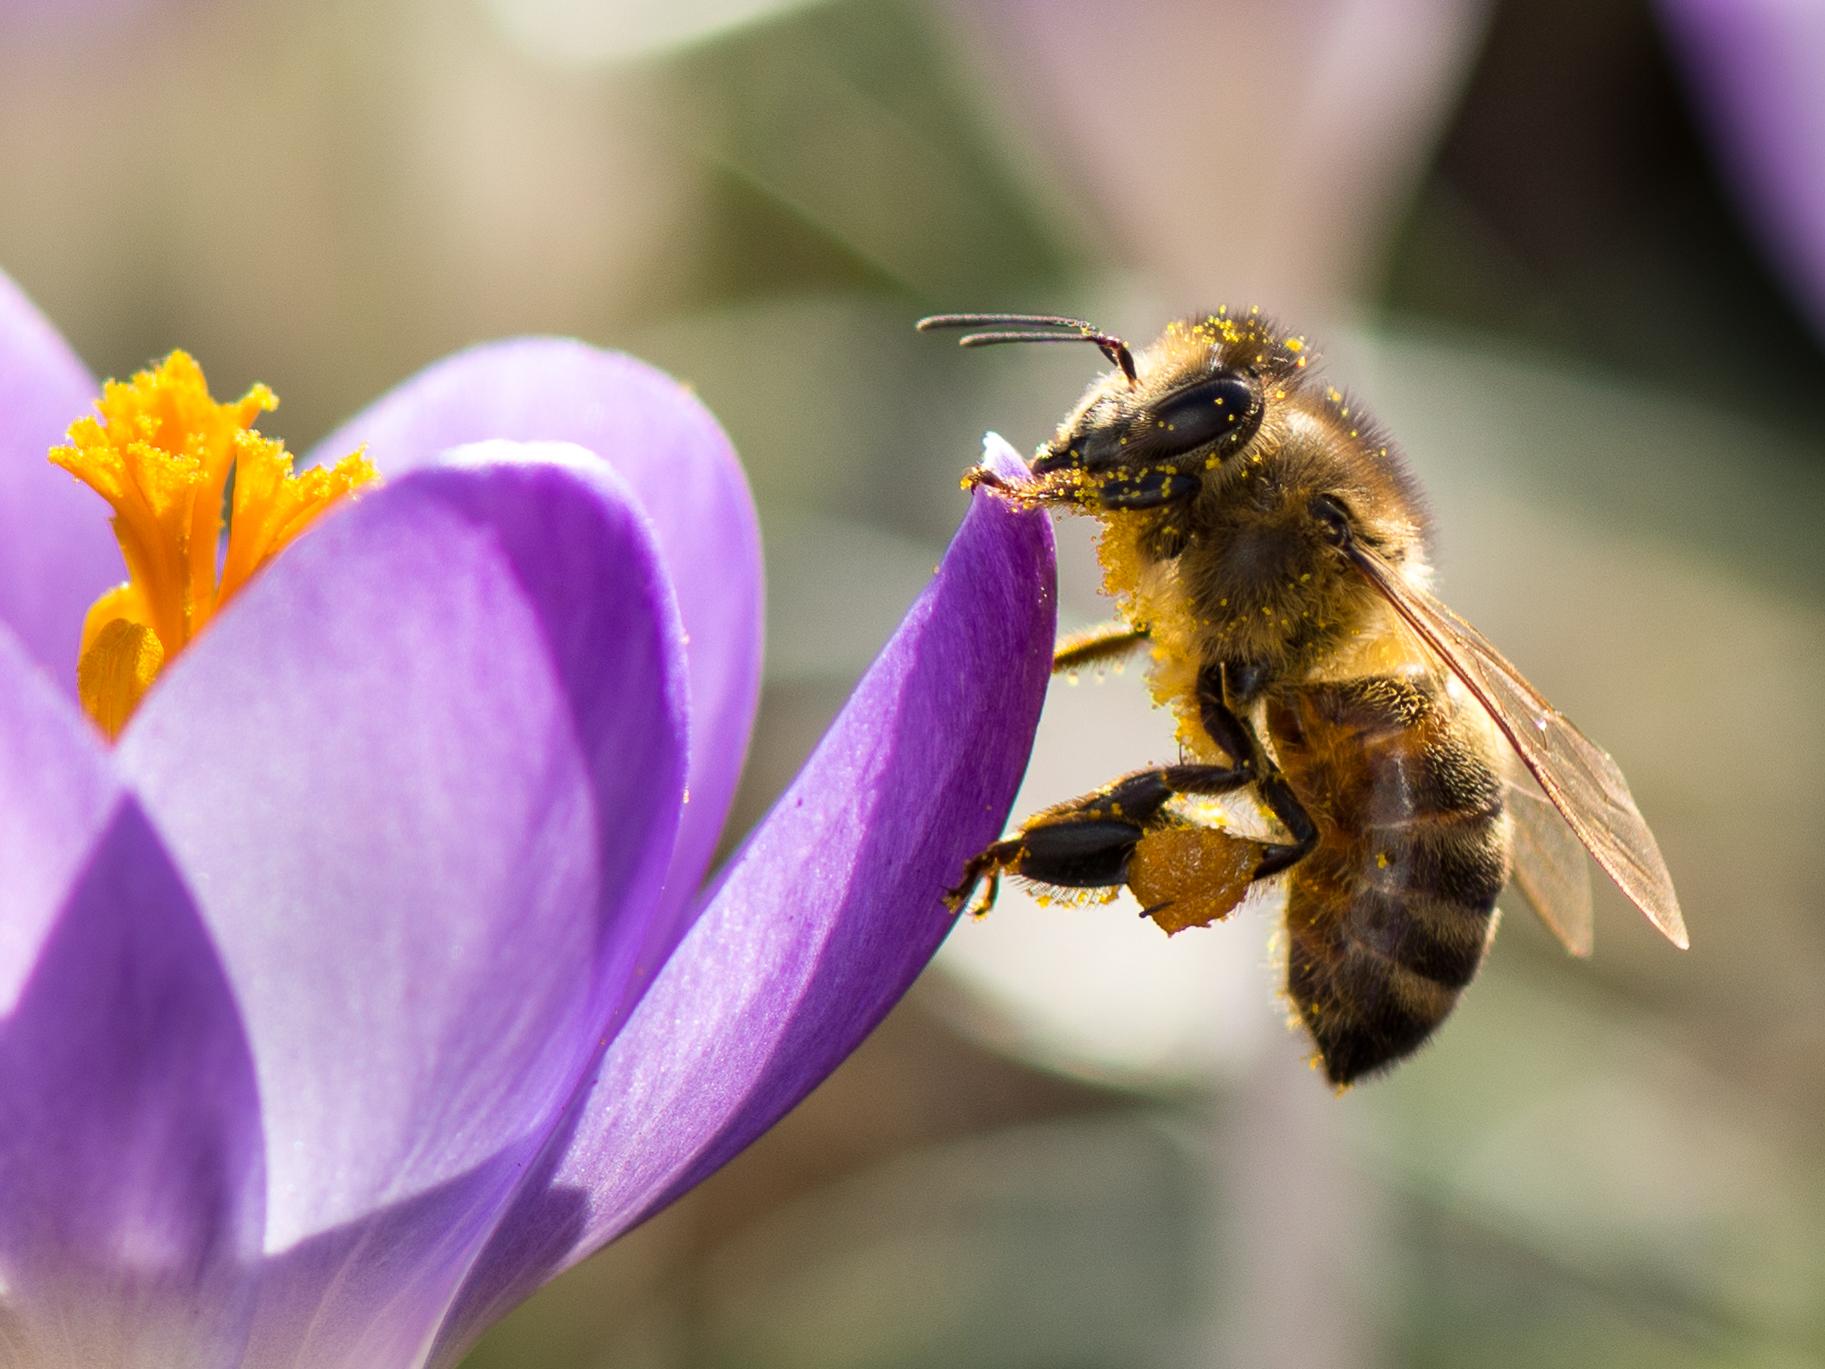 Een keuze maken uit prachtige foto's: Jury Fotowedstrijd Bijenlandschap gaat aan de slag